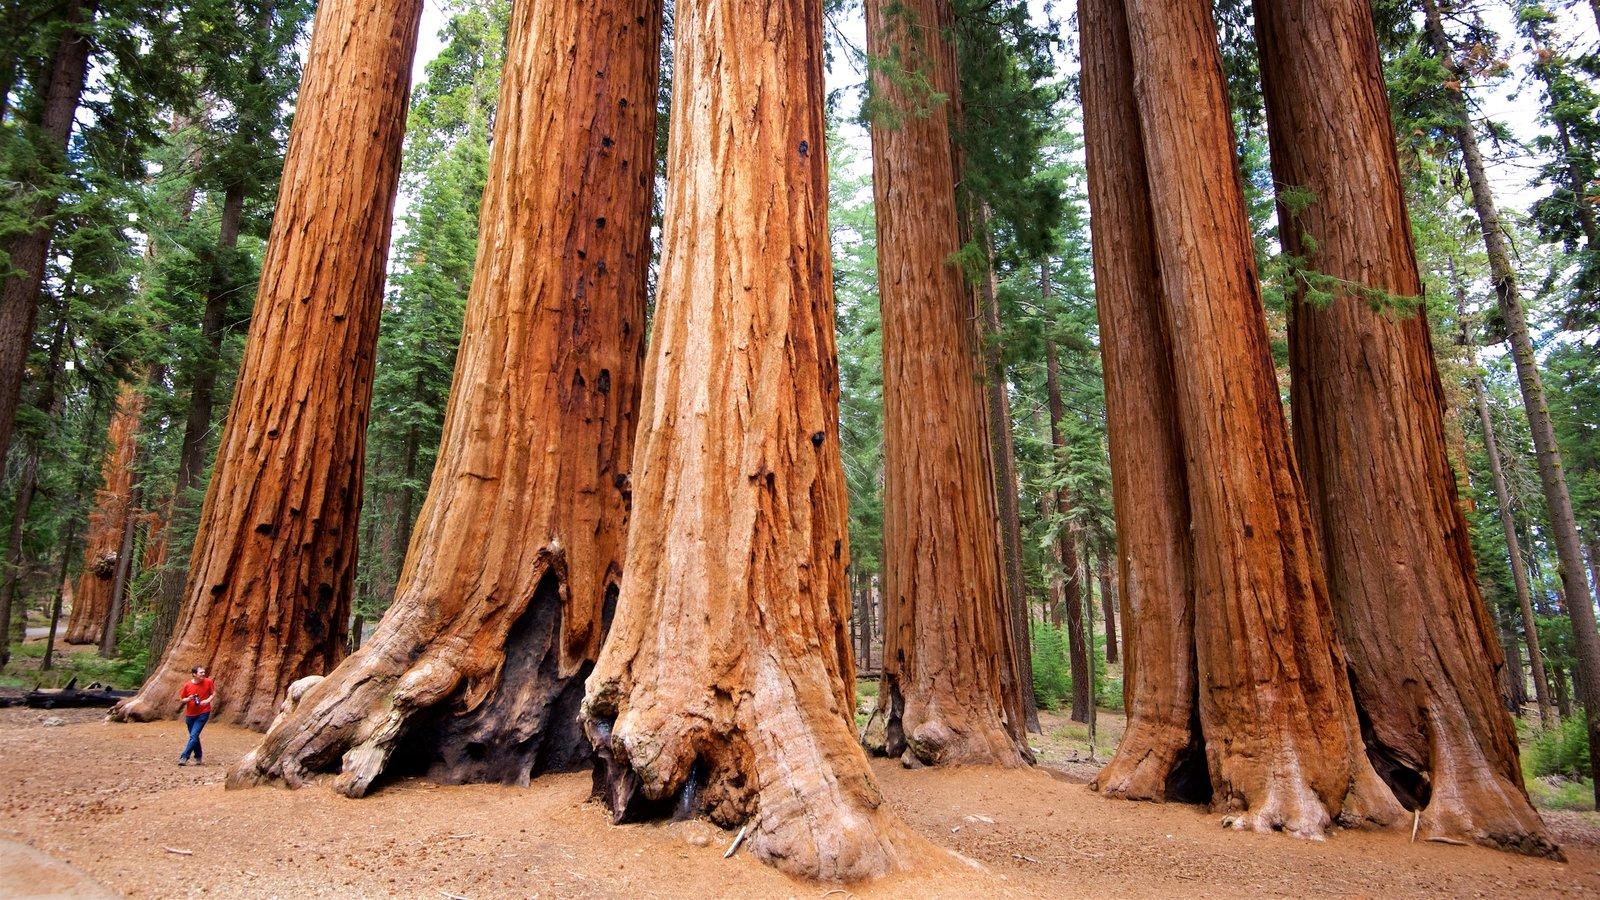 Sequoia National Park que inclui cenas de floresta assim como uma mulher sozinha